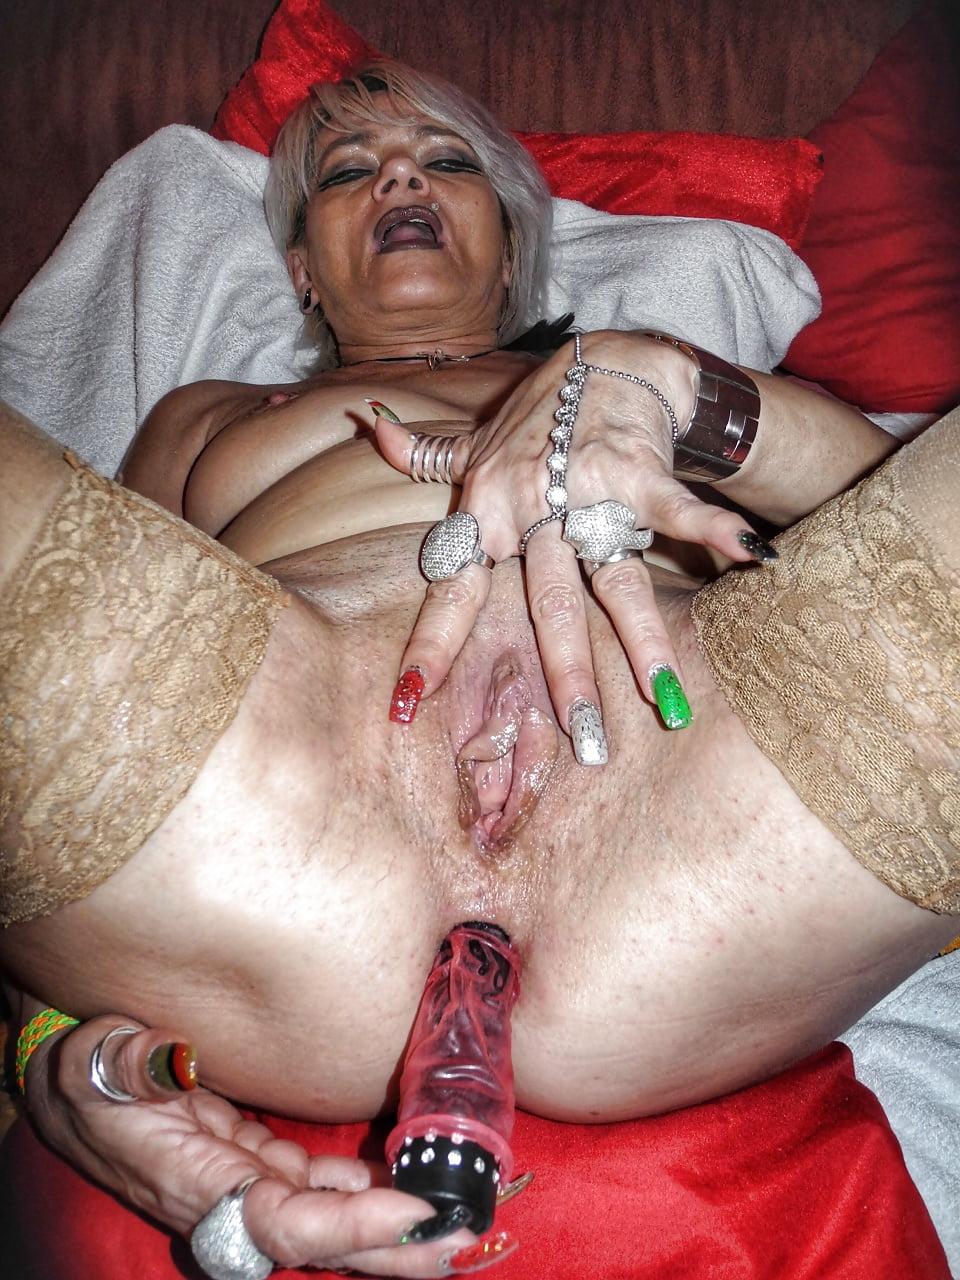 Старая страшная проститутка порно, мире звезда показывают пизда фото